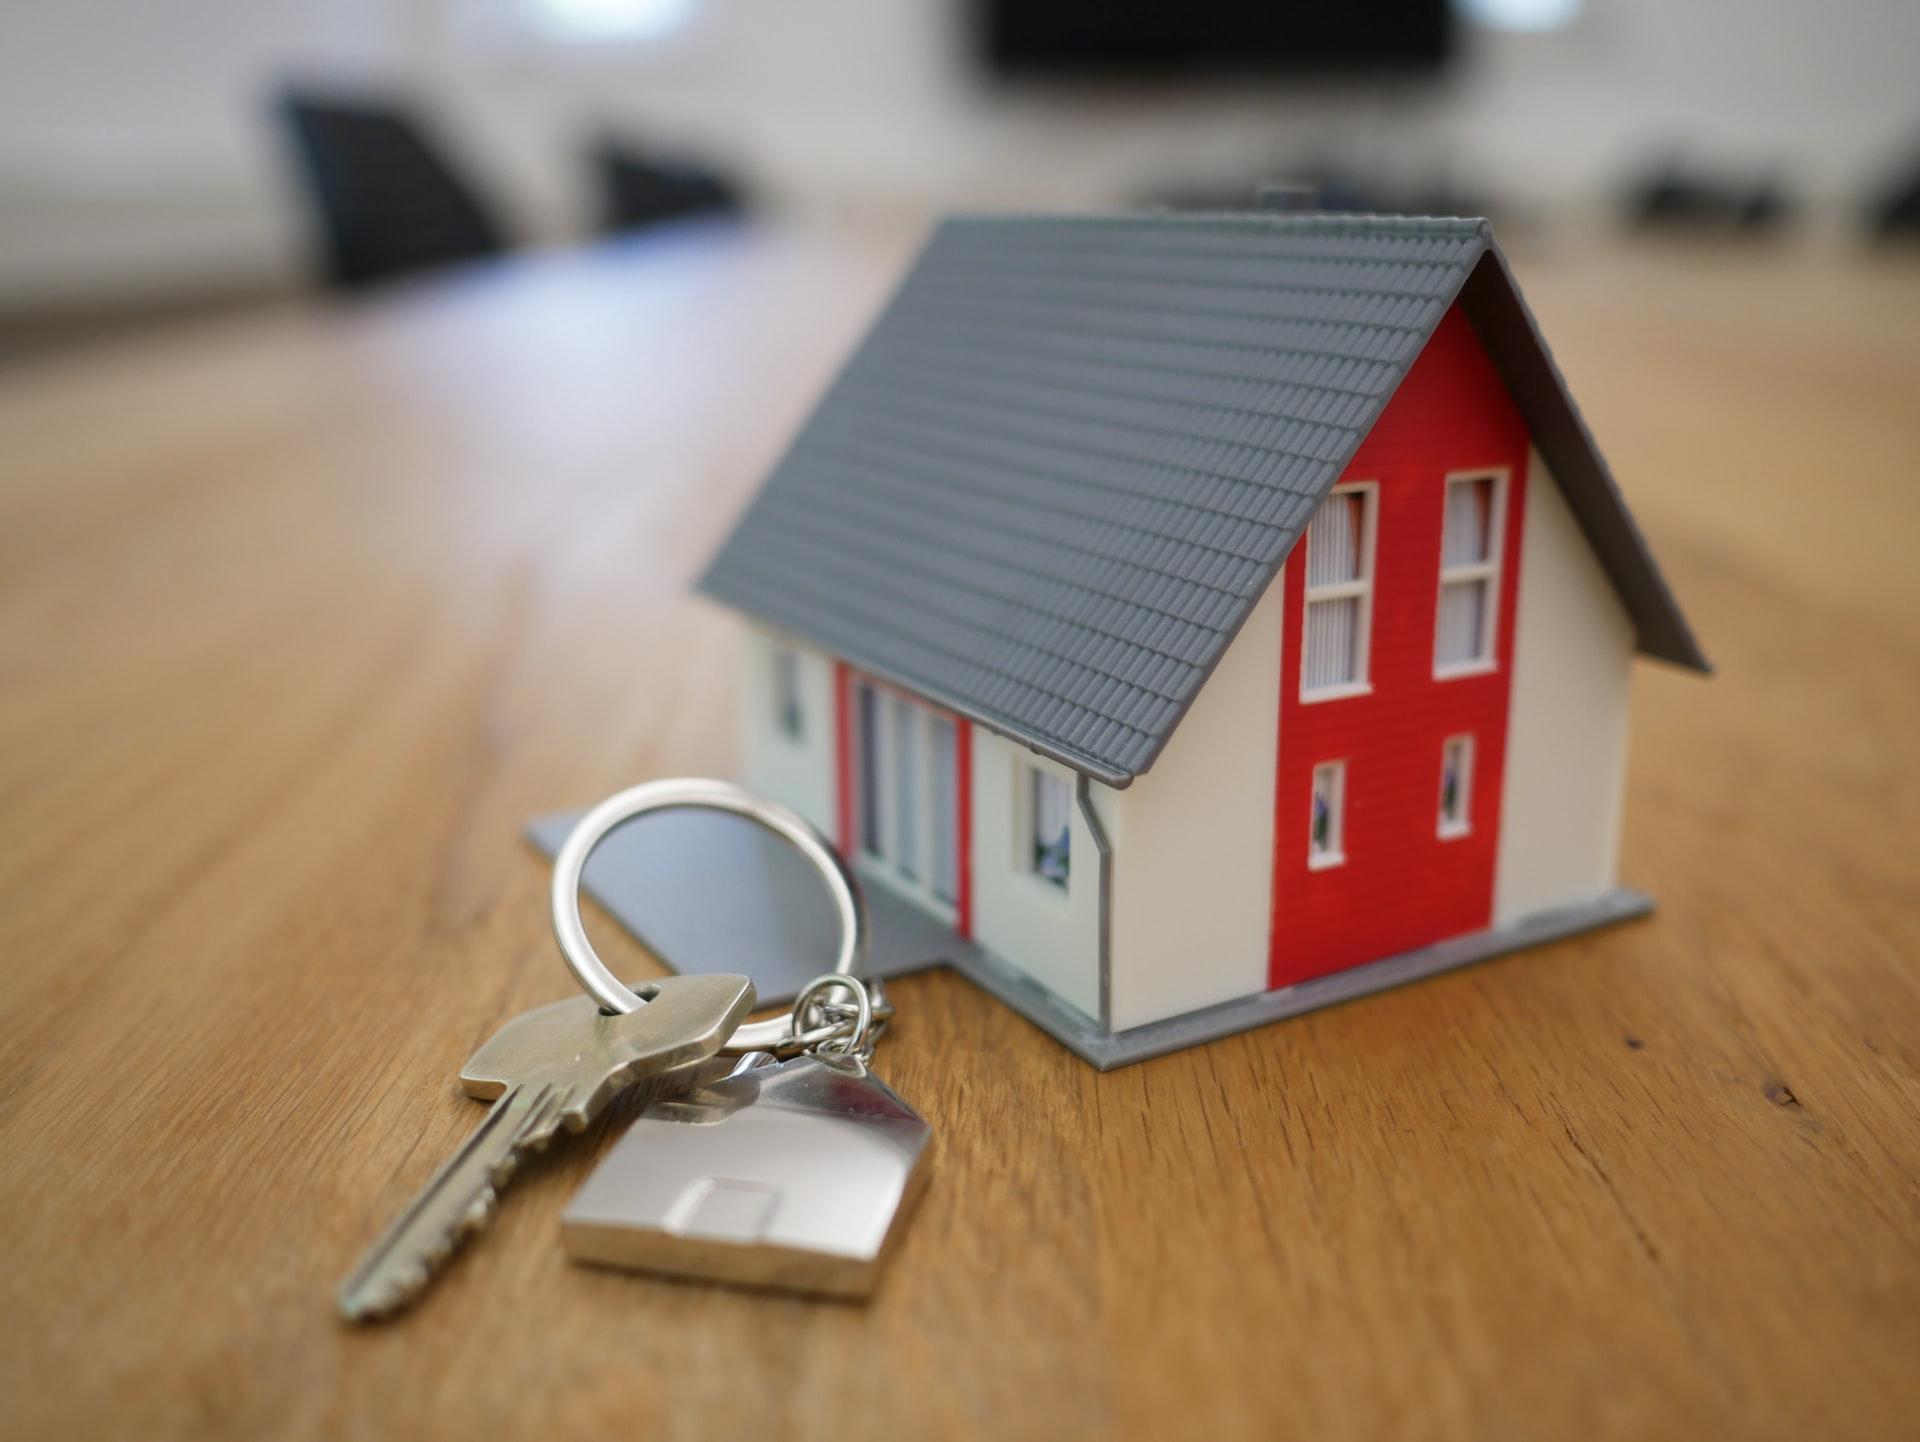 Bugetul-familiei-5-Cum-își-cheltuiește-banii-o-familie-nonconformistă-din-Brașov_investitii-imobiliare